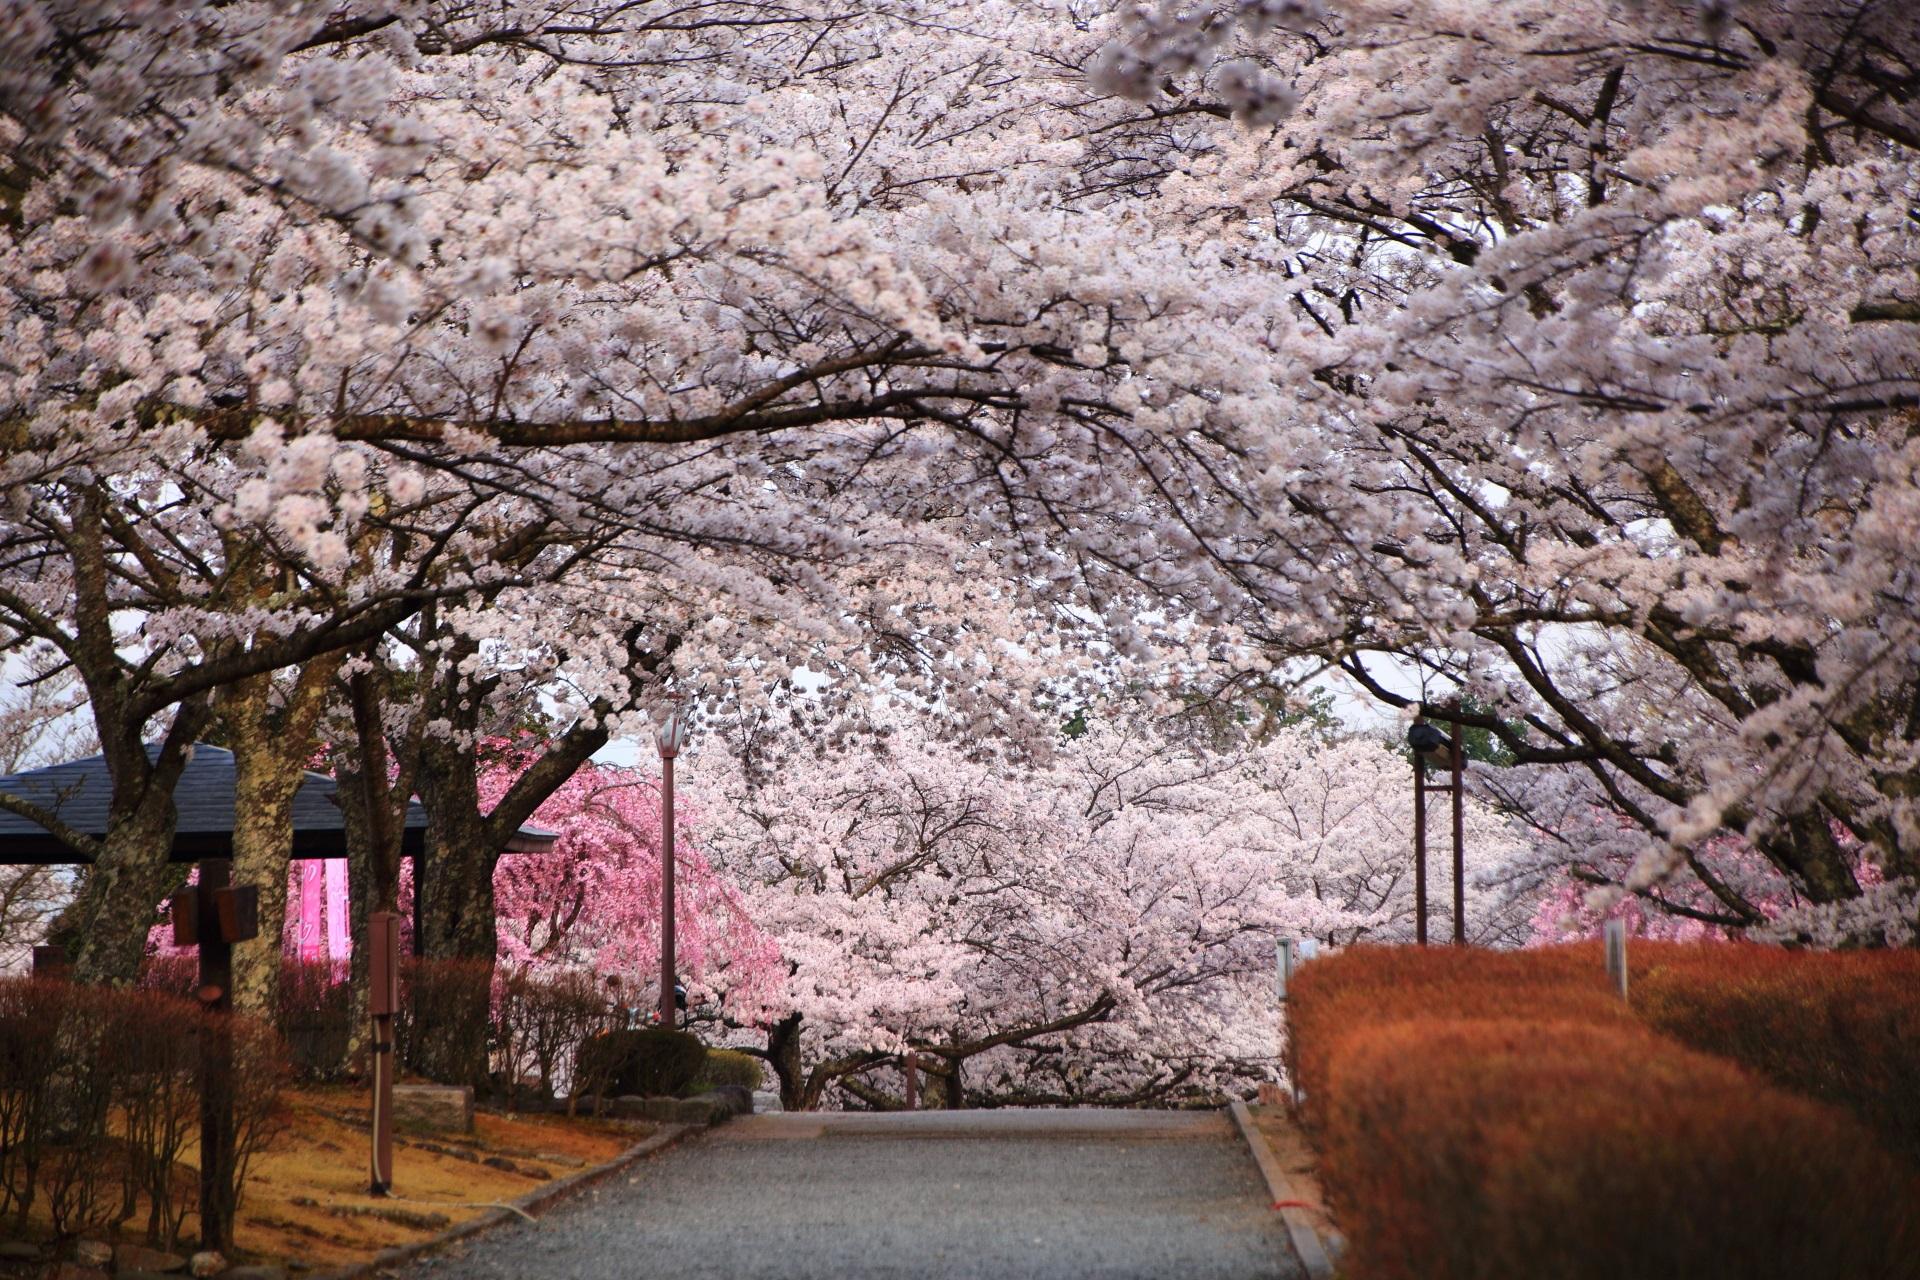 和らぎの道の咲き誇る桜